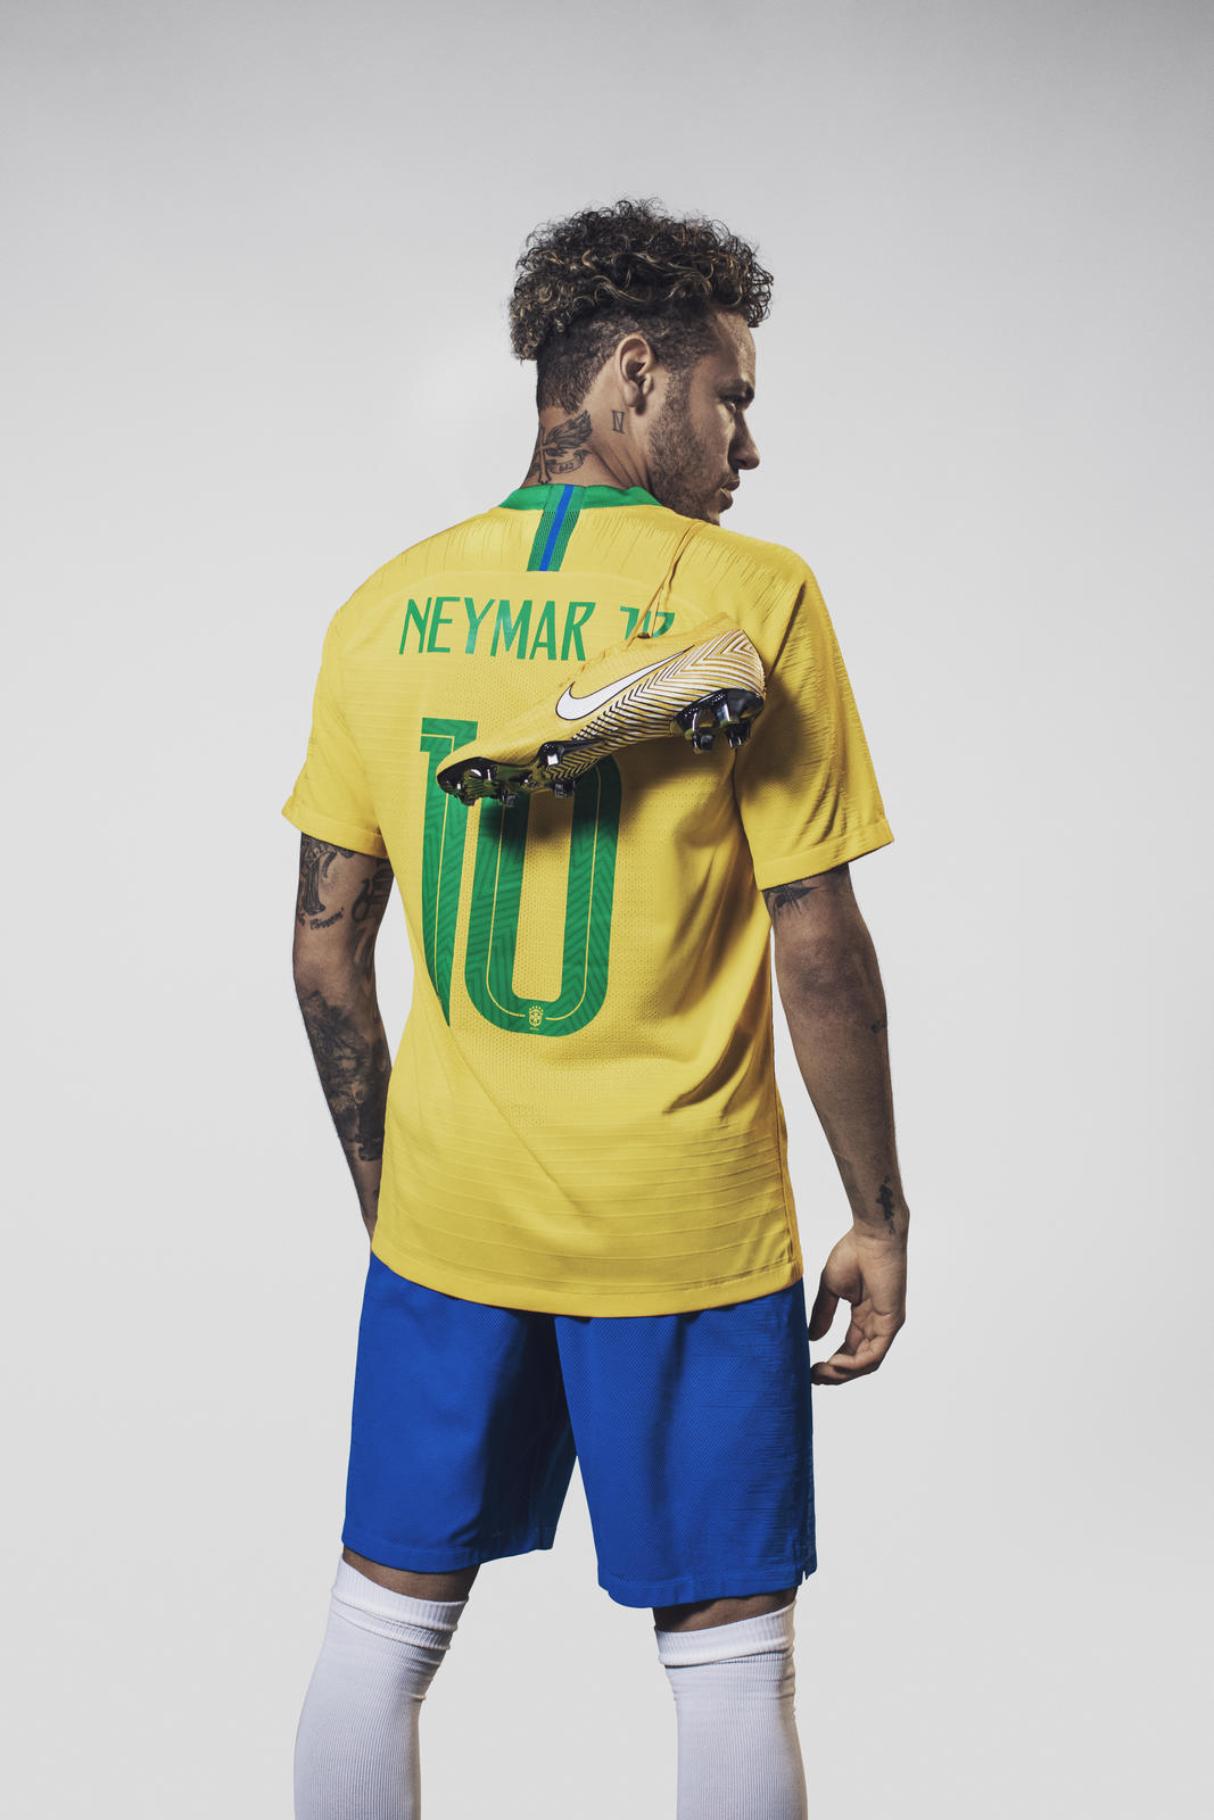 nike-neymar-meu-jogo-mercurial-vapor-360-world-cup-2018-football-boots-5